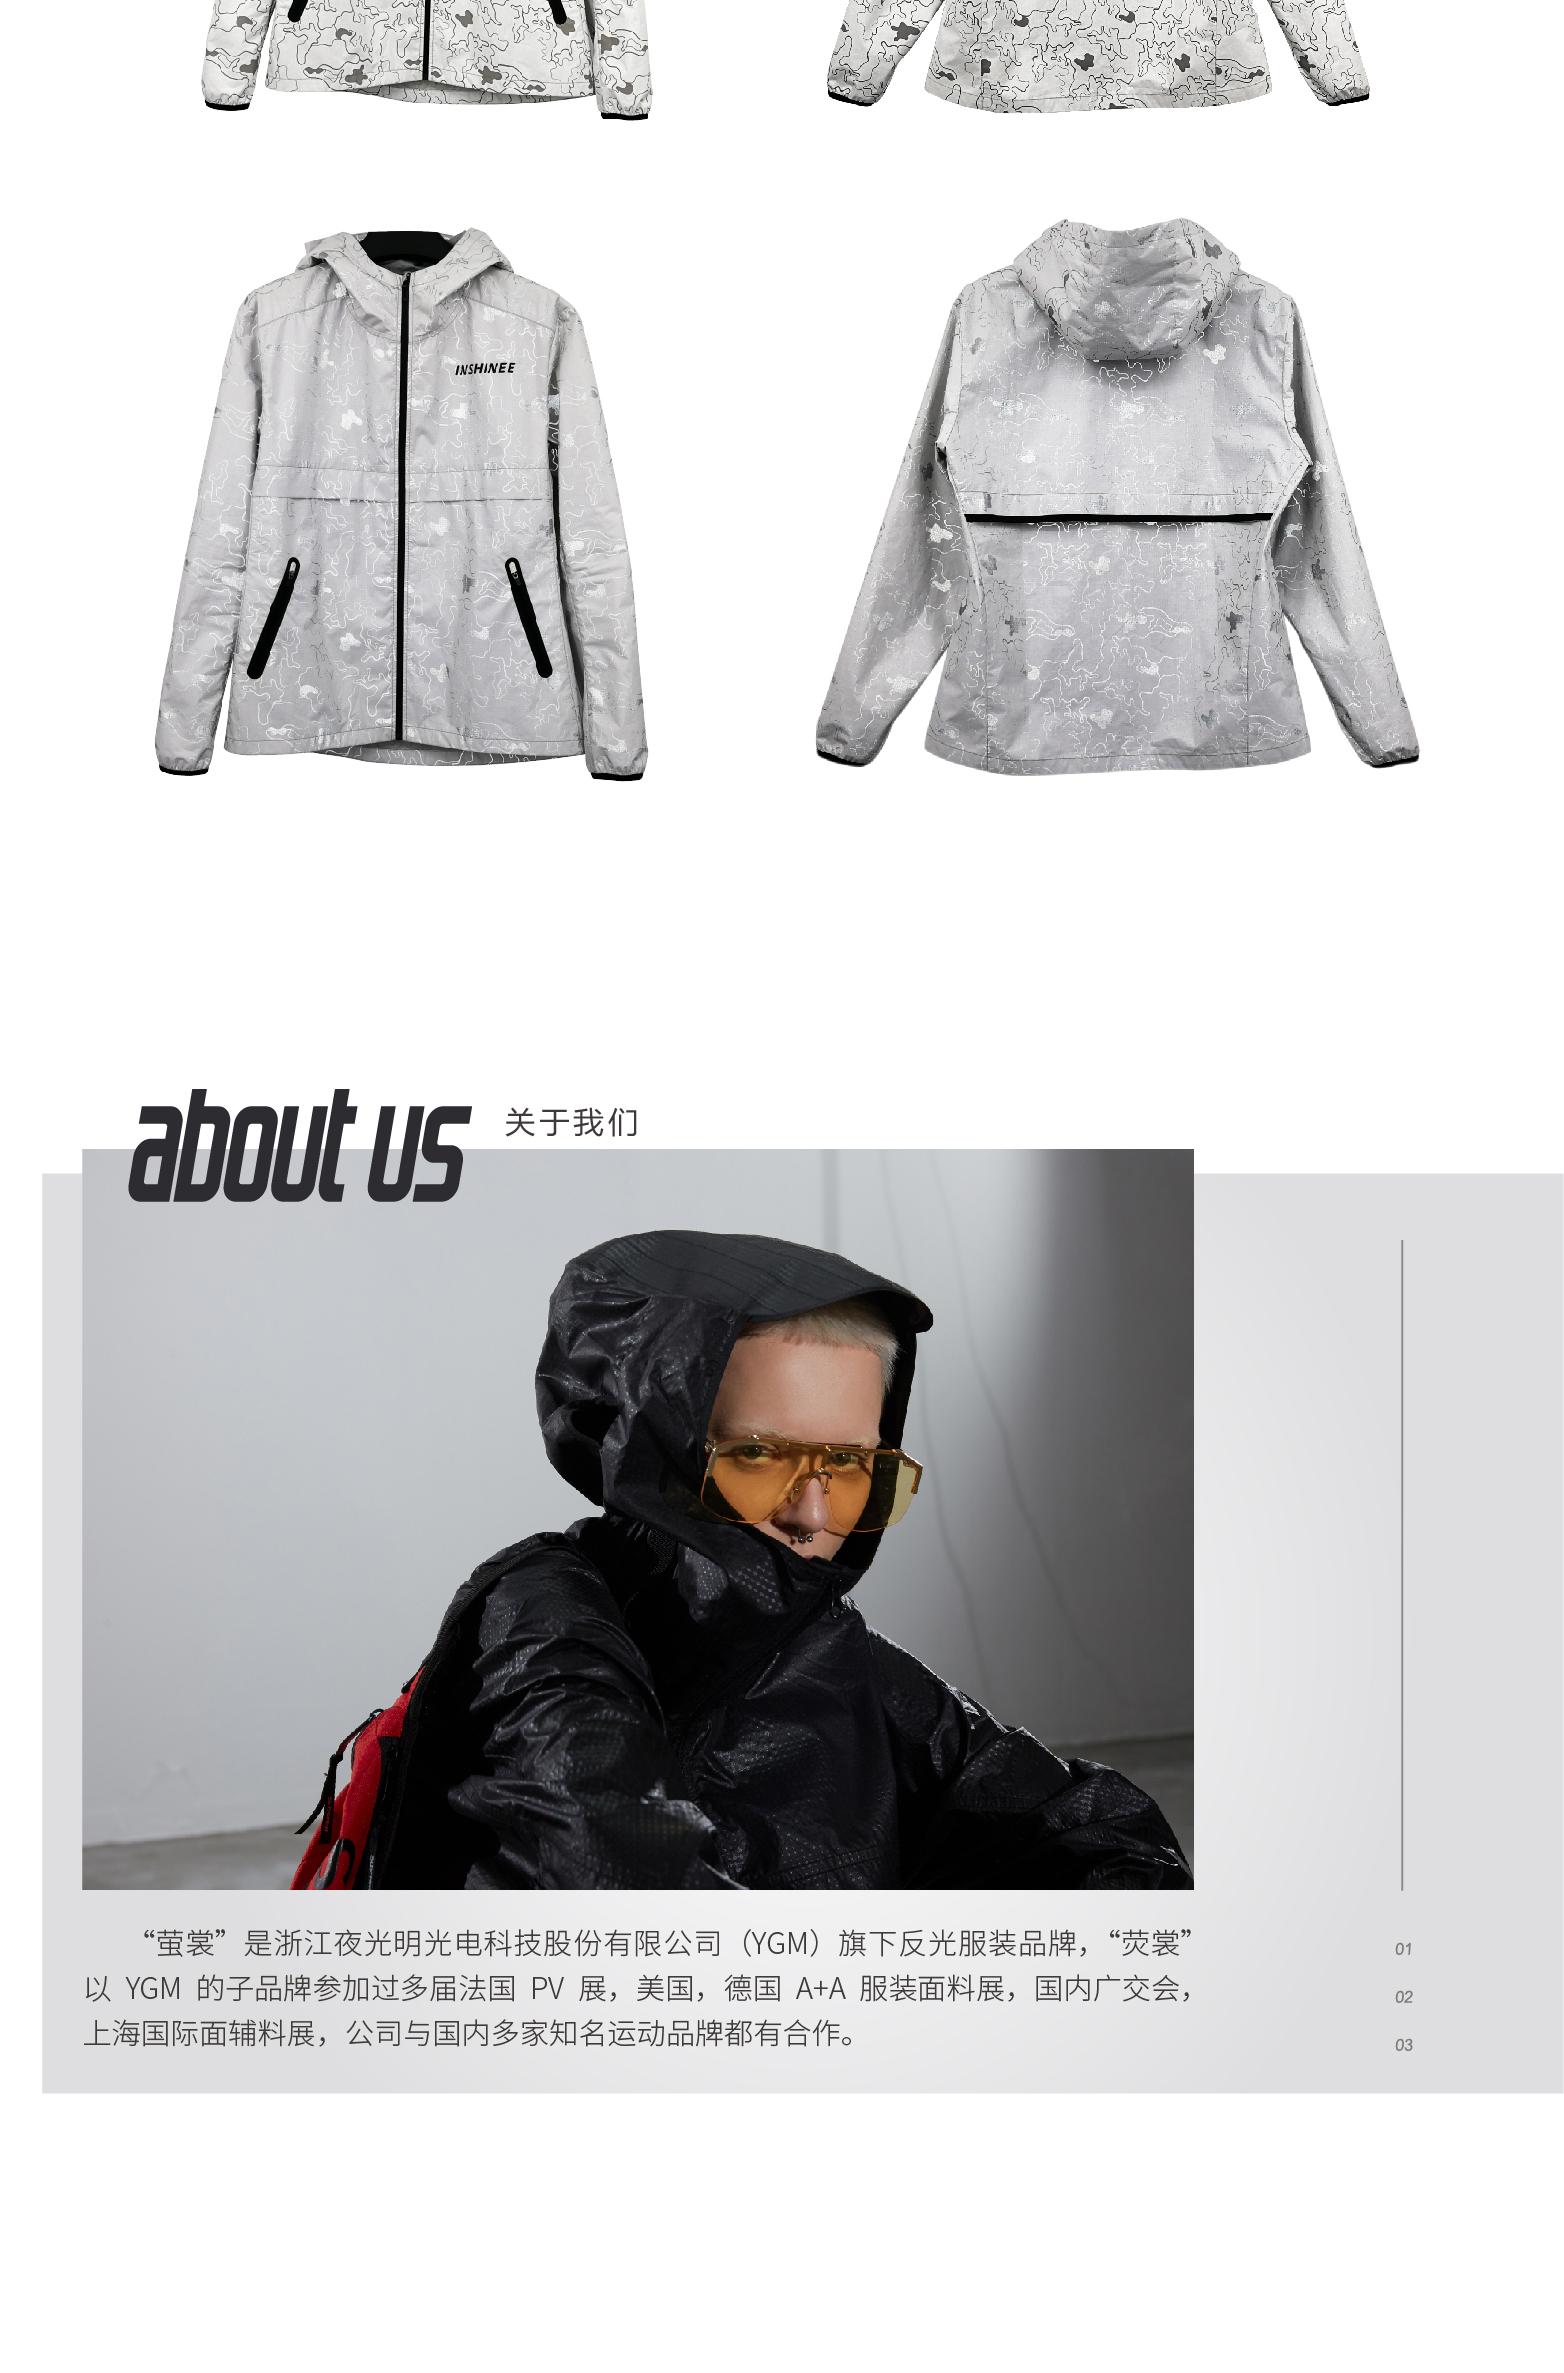 images-2020-4-1-AWY026_畫板-1_10